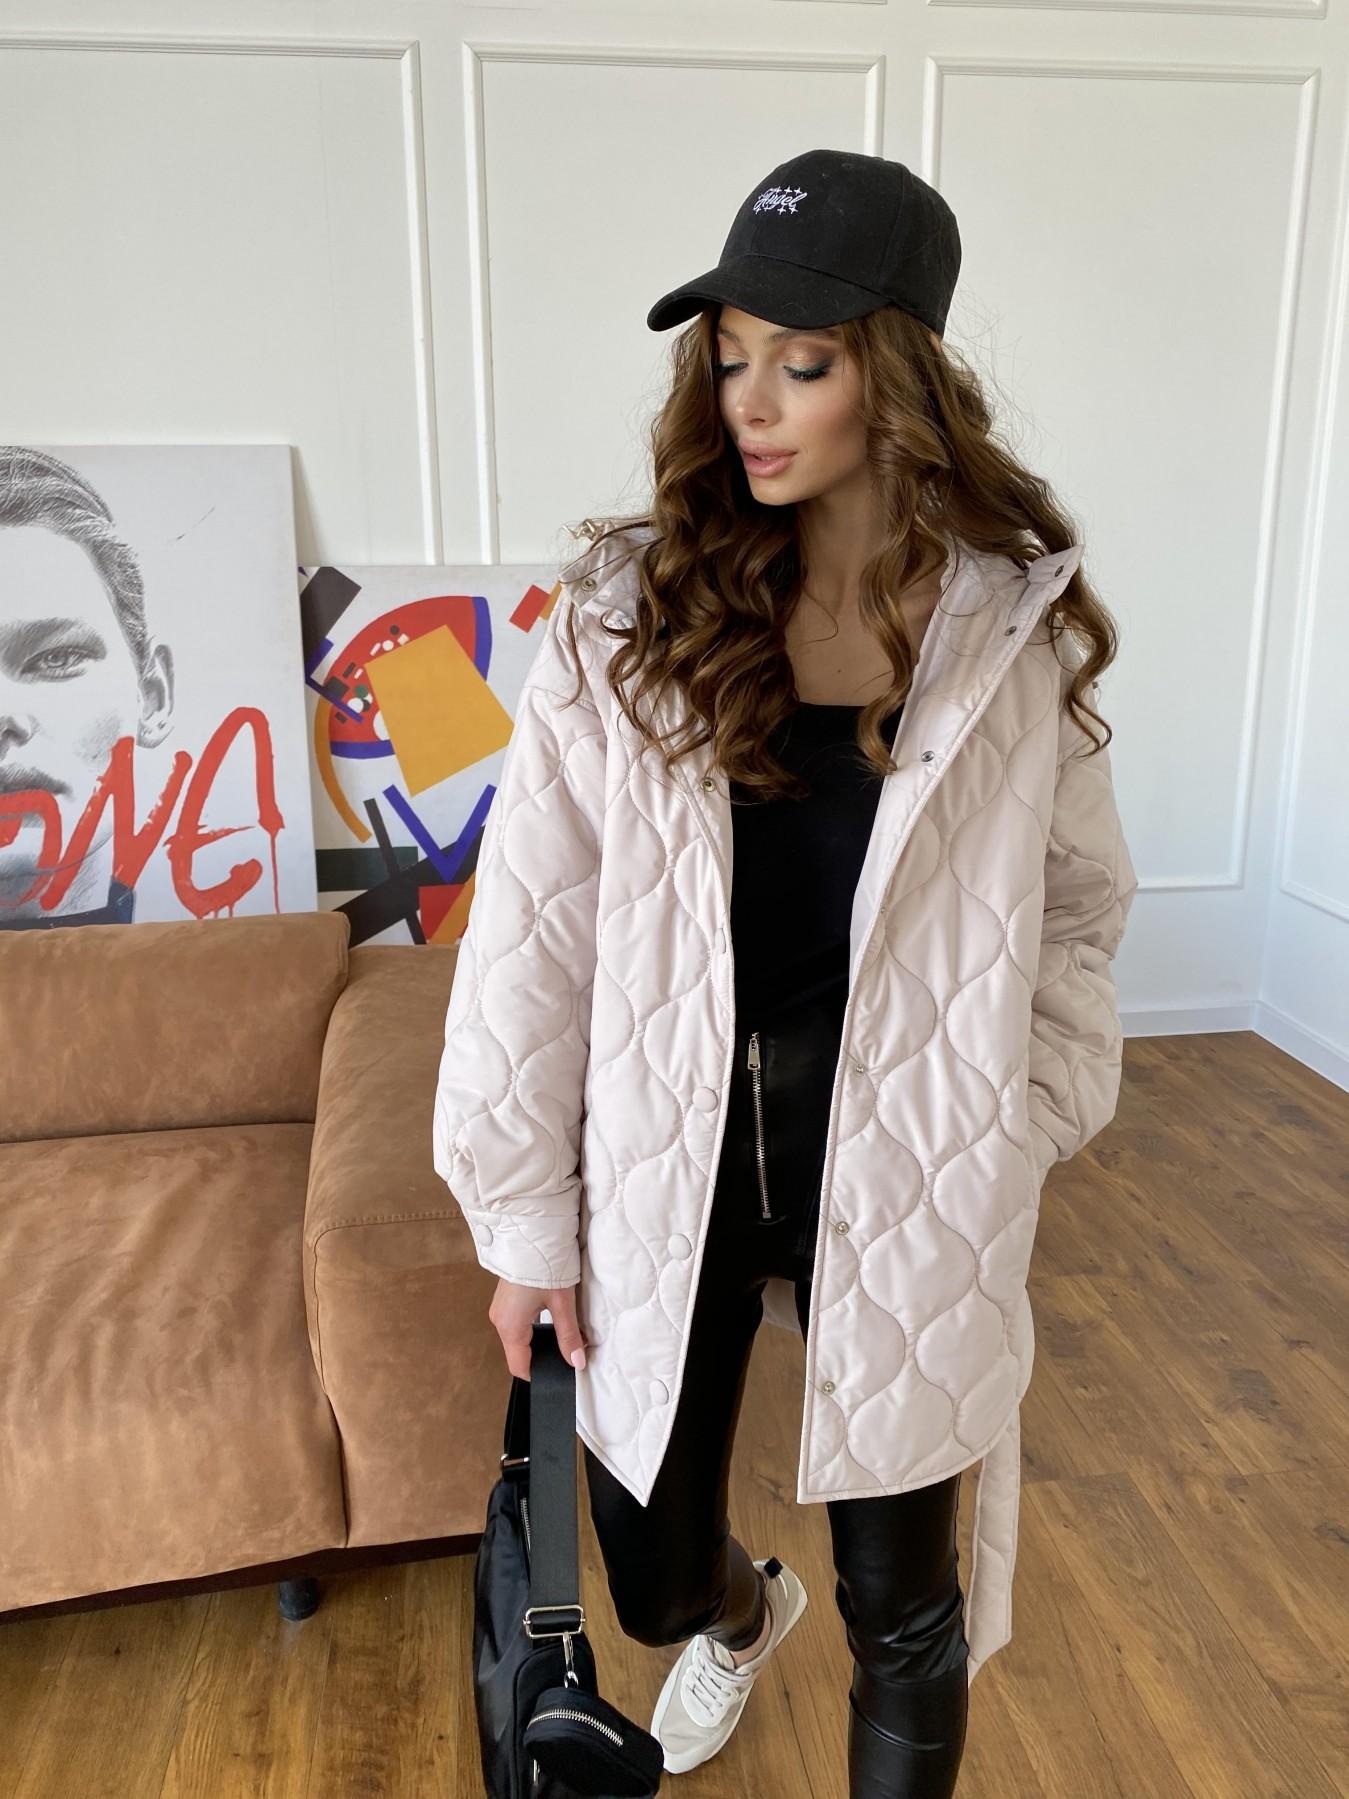 Пазл ЗИГЗАГ  стеганая куртка из плащевой ткани Ammy 10979 АРТ. 47471 Цвет: Бежевый 970 - фото 4, интернет магазин tm-modus.ru